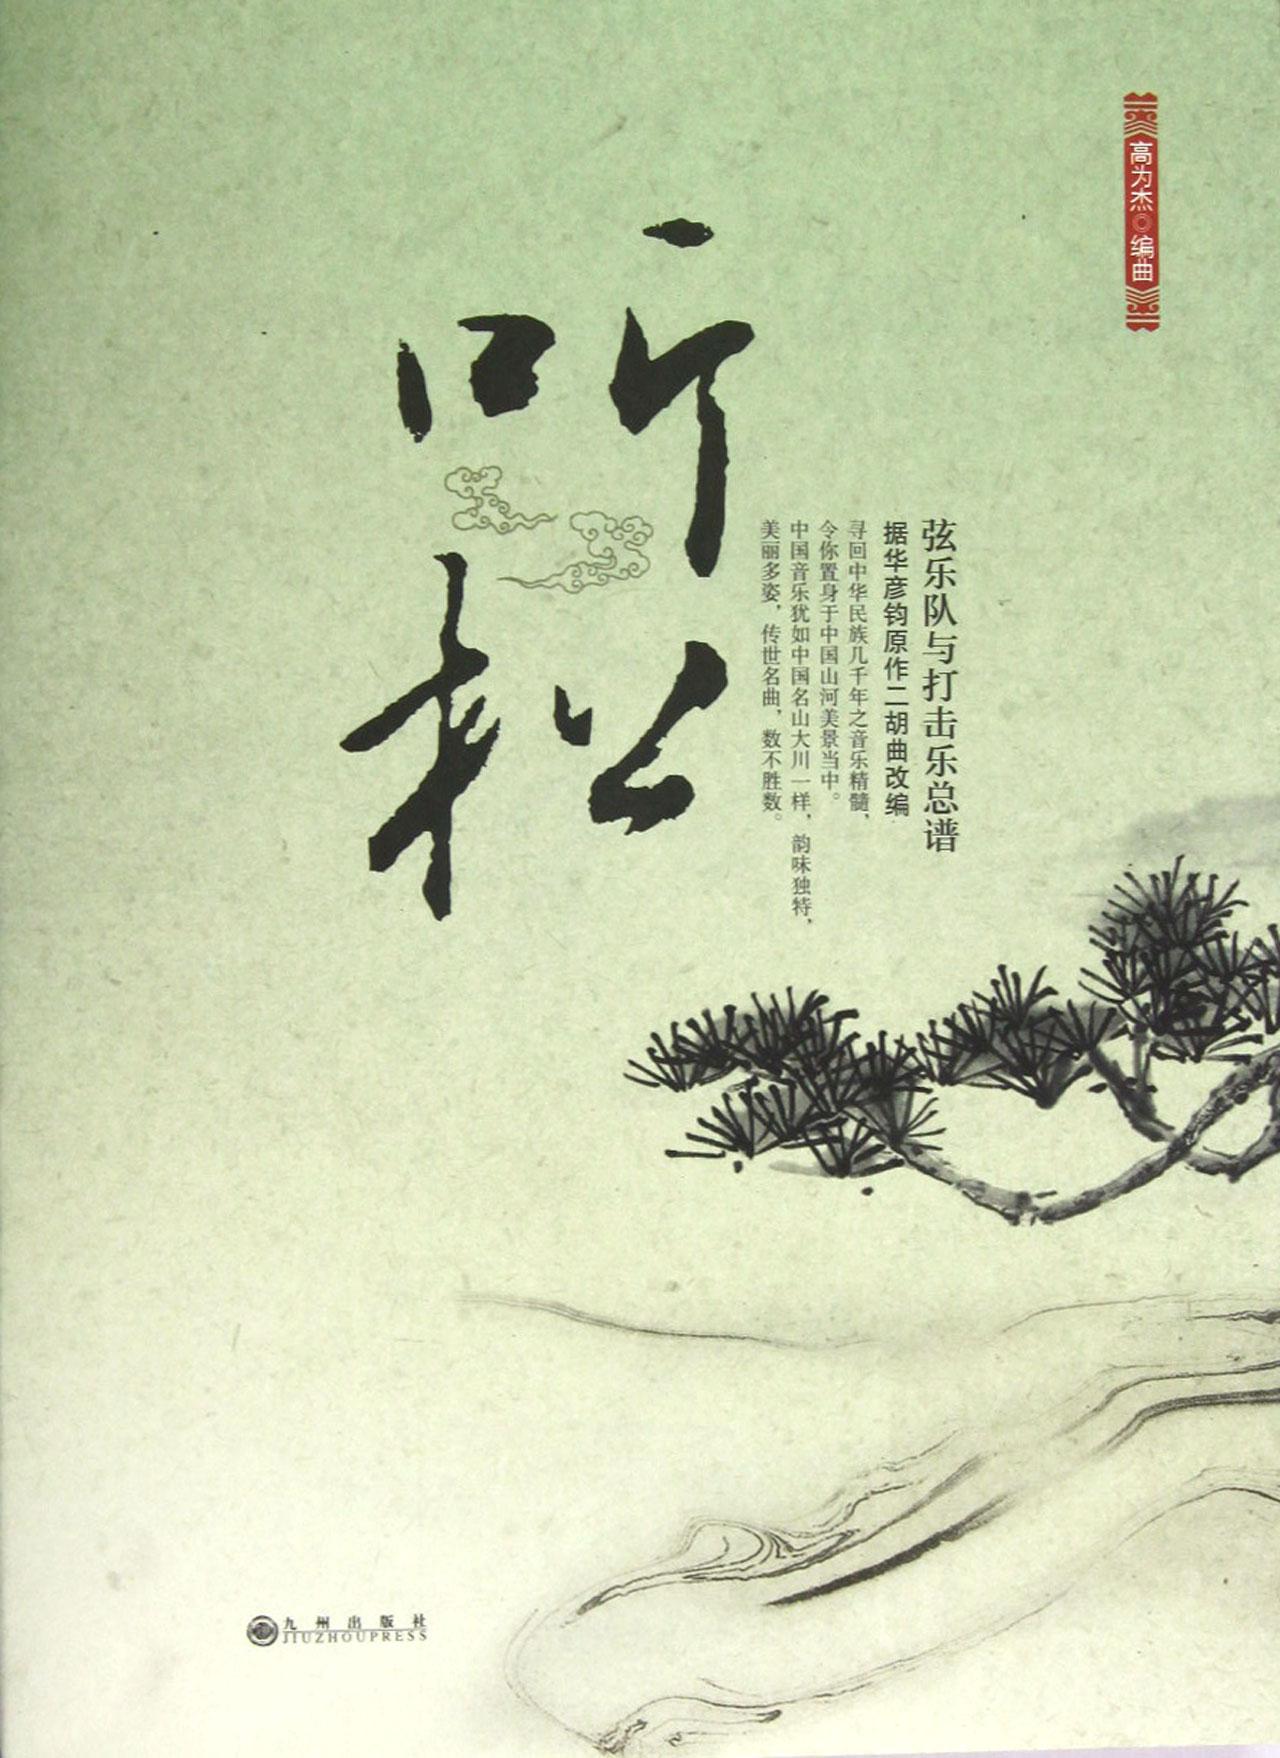 交响乐总谱封面